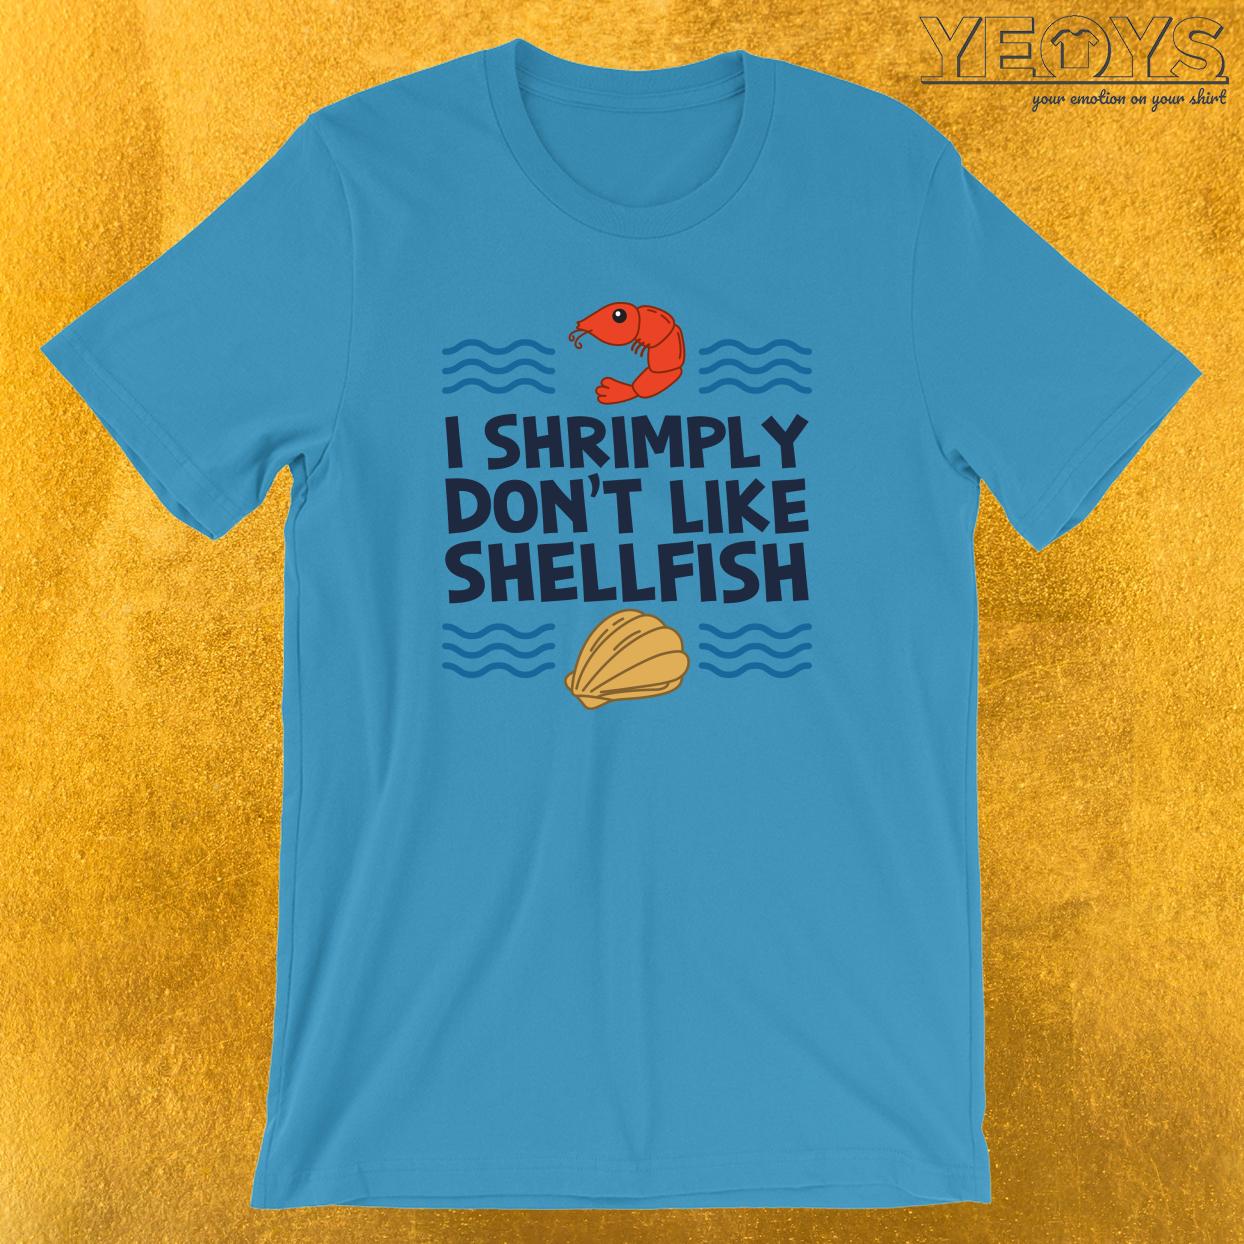 I Shrimply Don't Like Shellfish T-Shirt